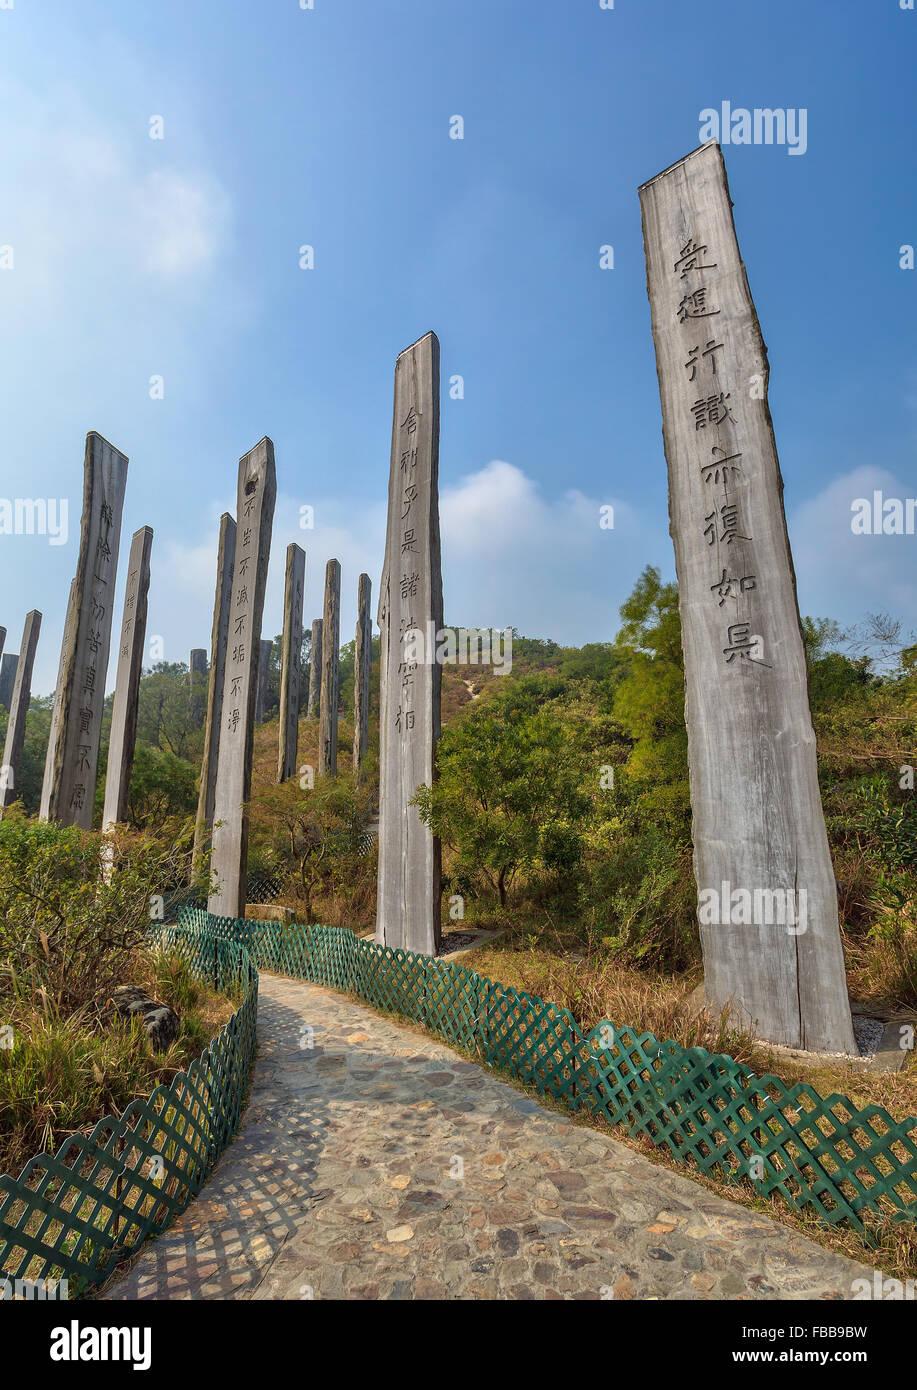 Wisdom path at Lantau Island - Hong Kong - China Stock Photo